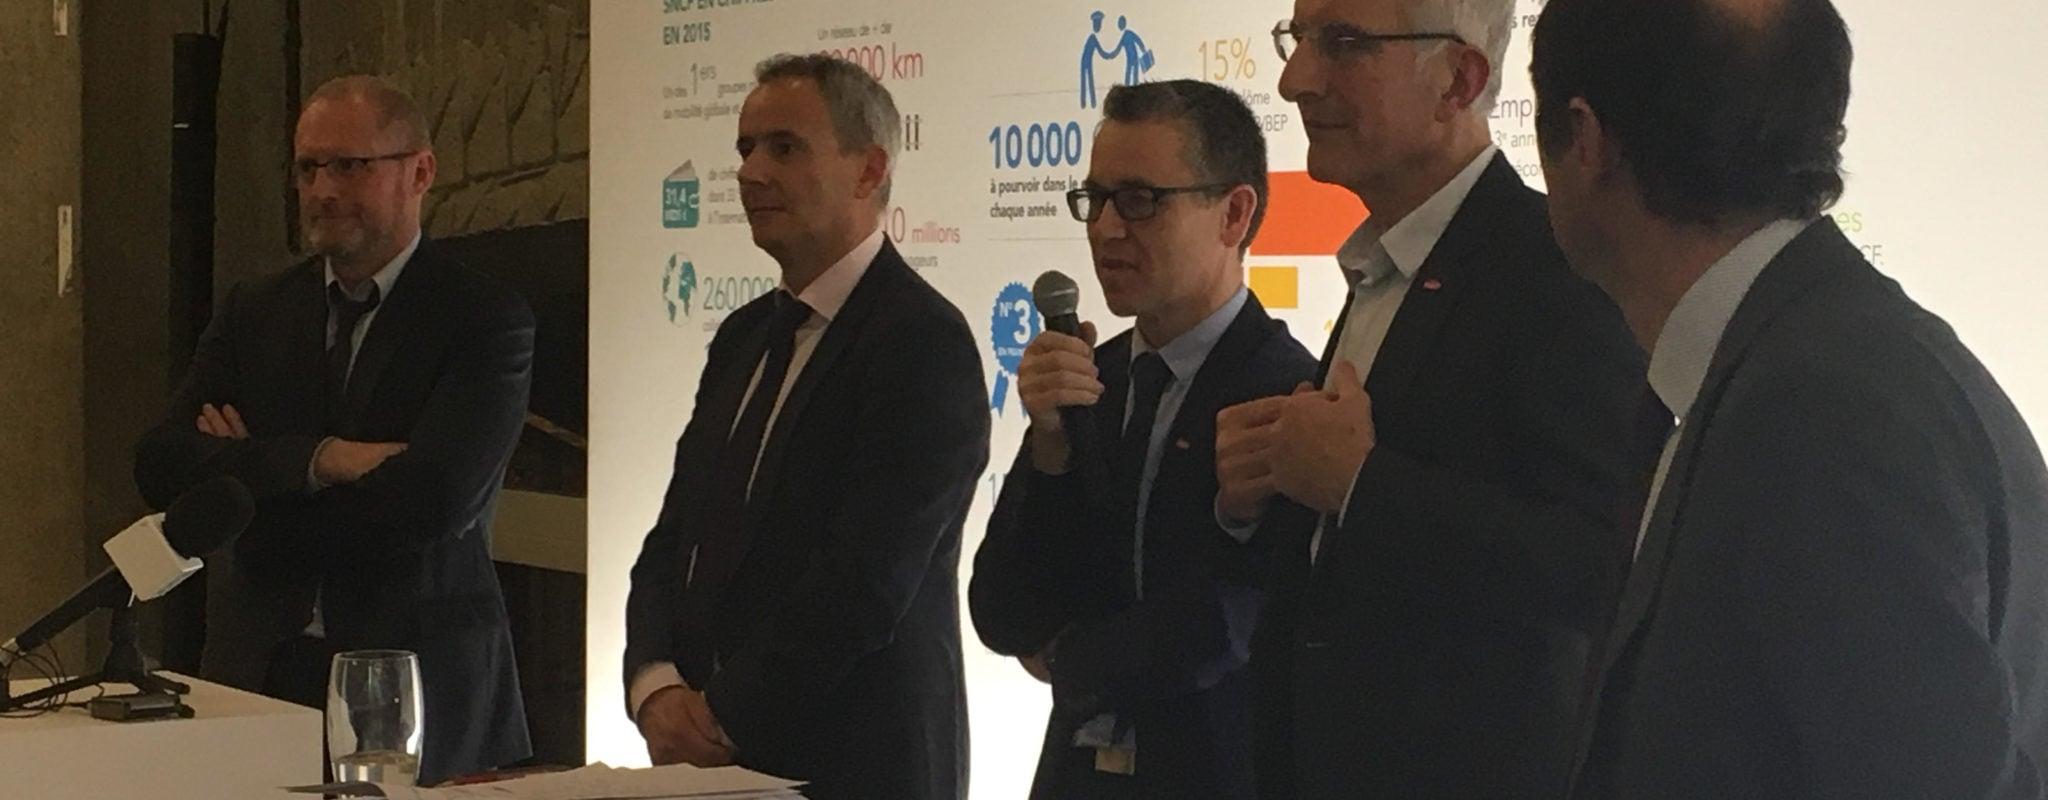 La SNCF cherche ses futurs agents, qui ne seront pas communiquants